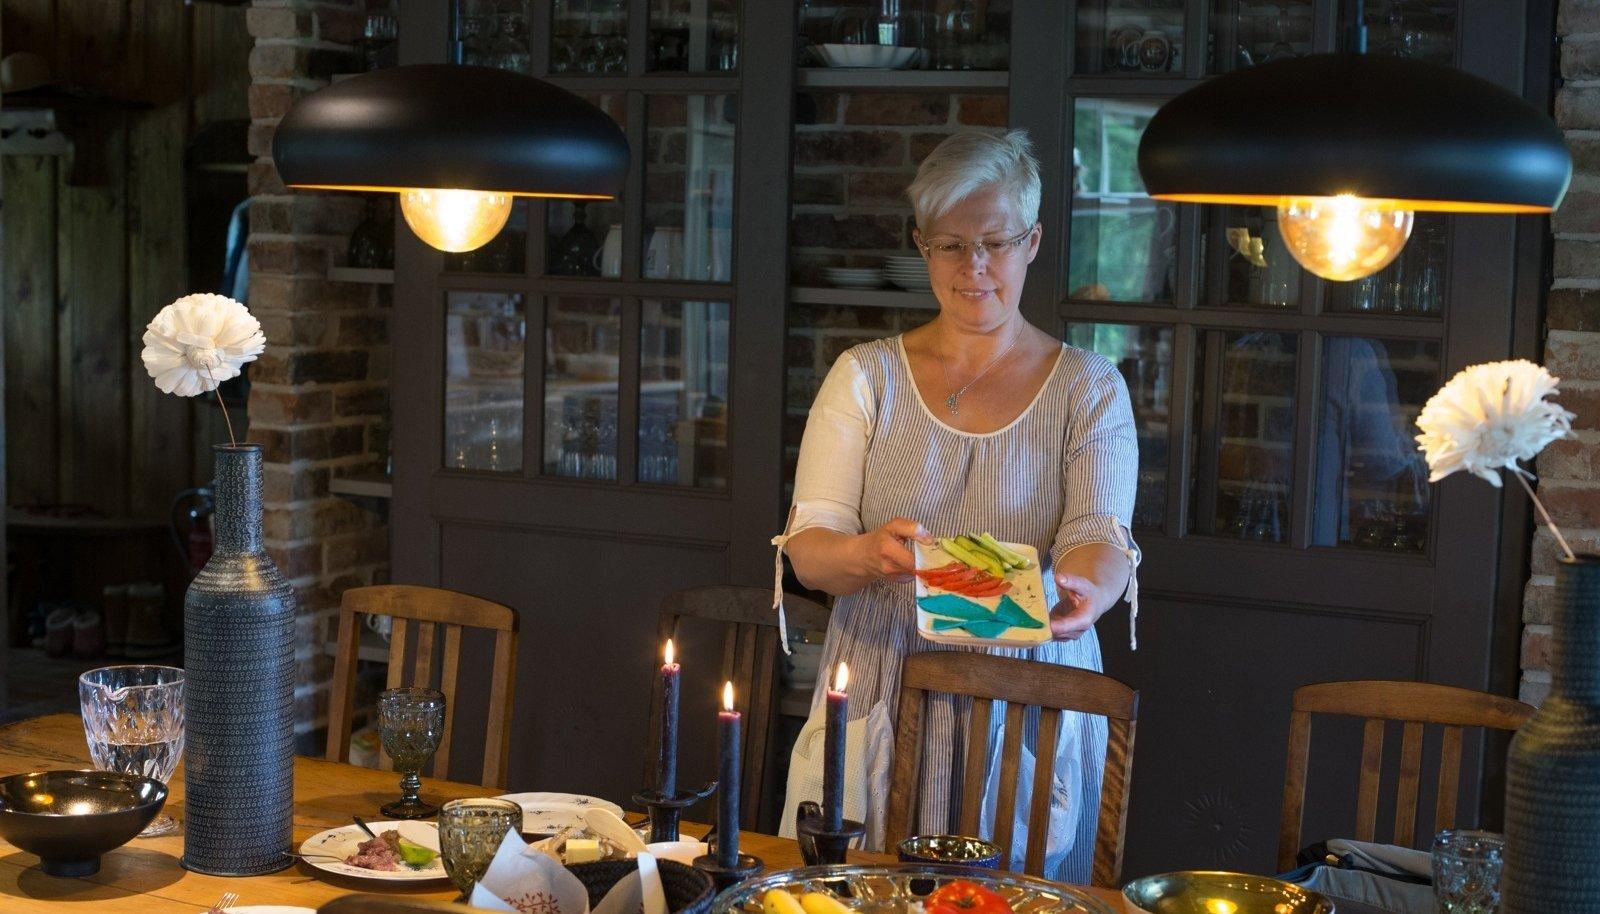 RESTORANI PERENAINE: Evelin Ilves oma kodurestoranis lauda katmas.